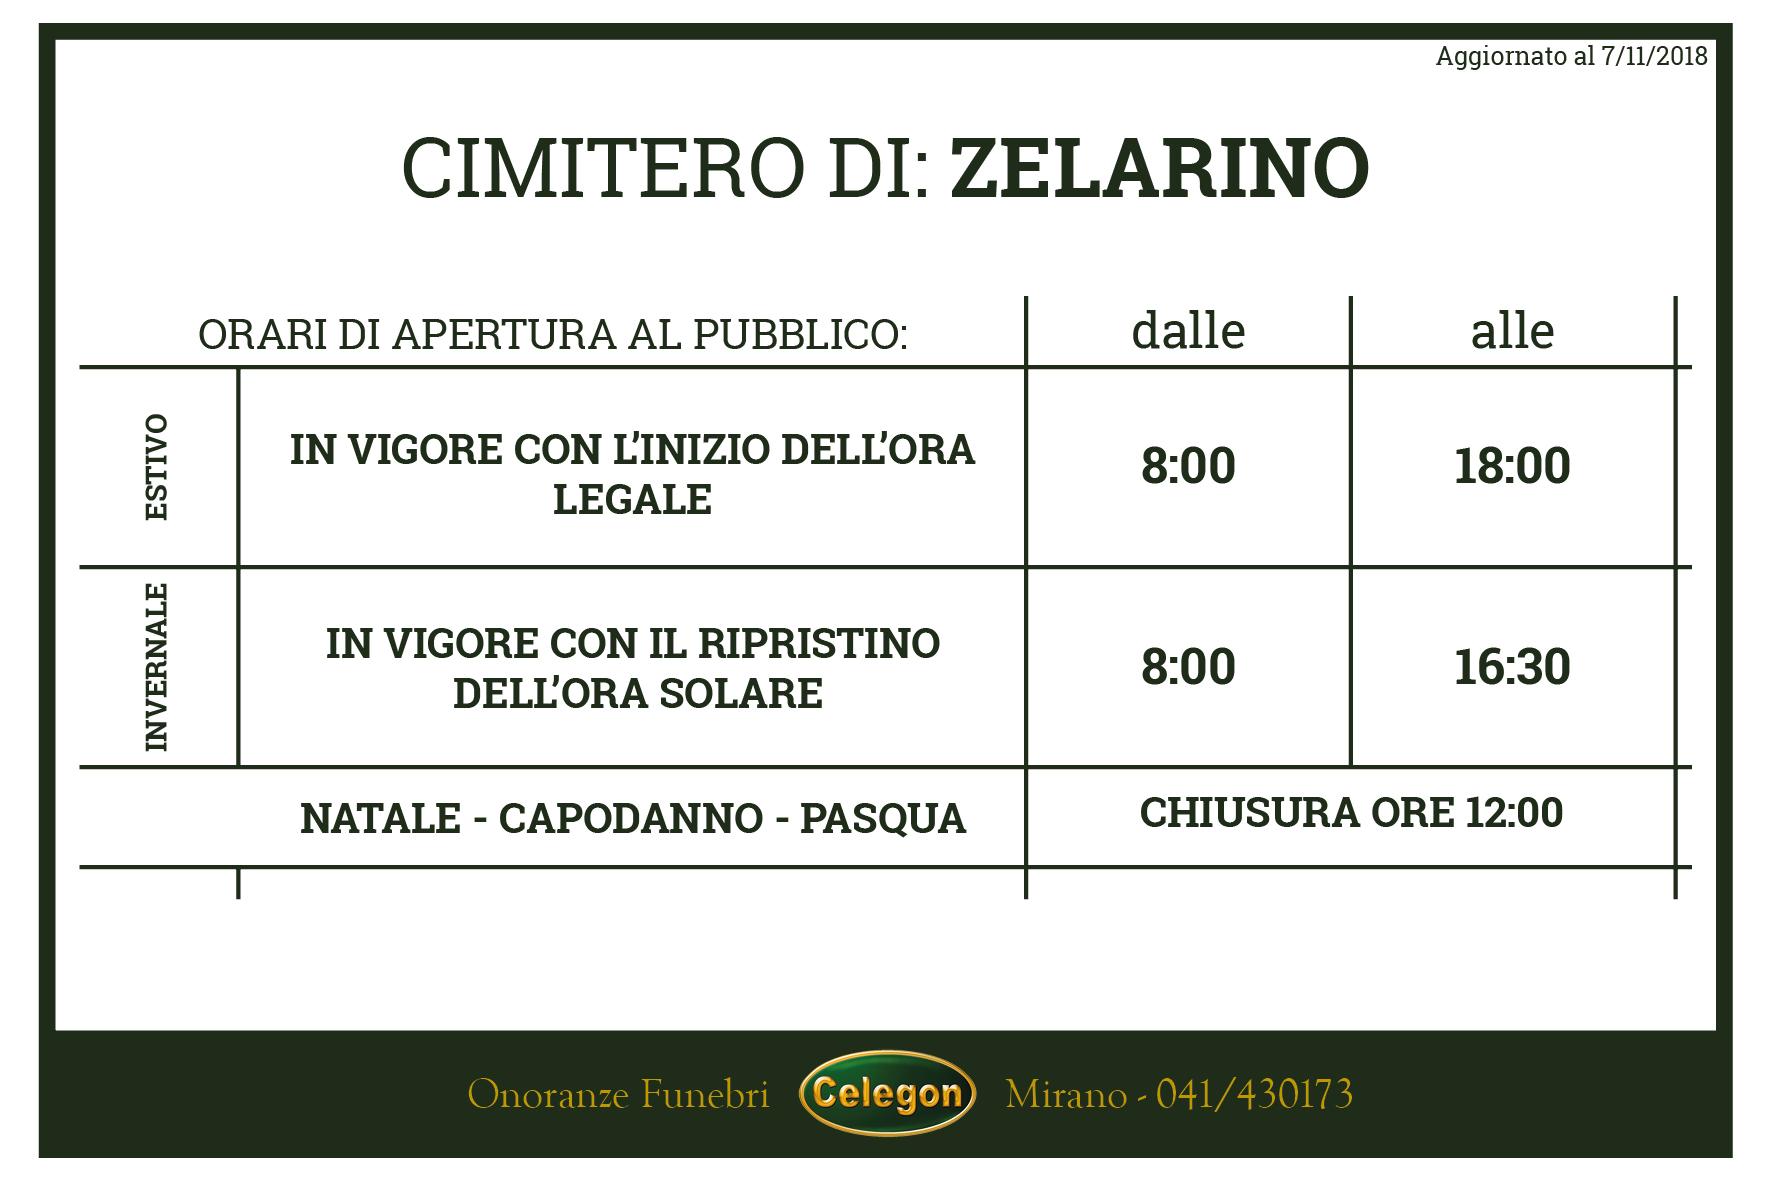 Zelarino